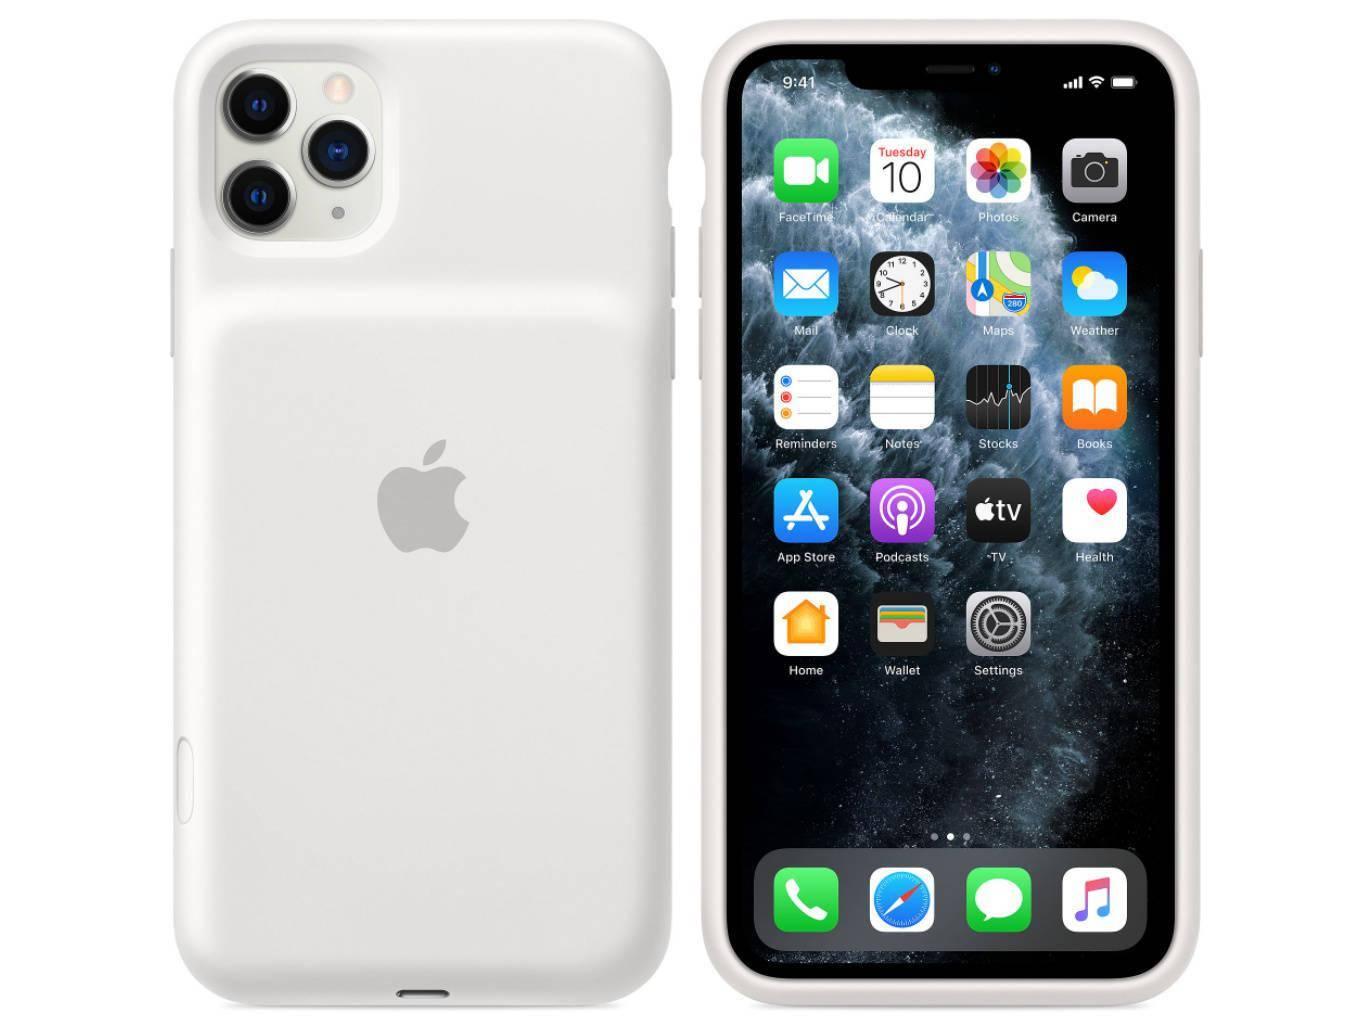 彭博社:苹果正研发 MagSafe 智能电池壳